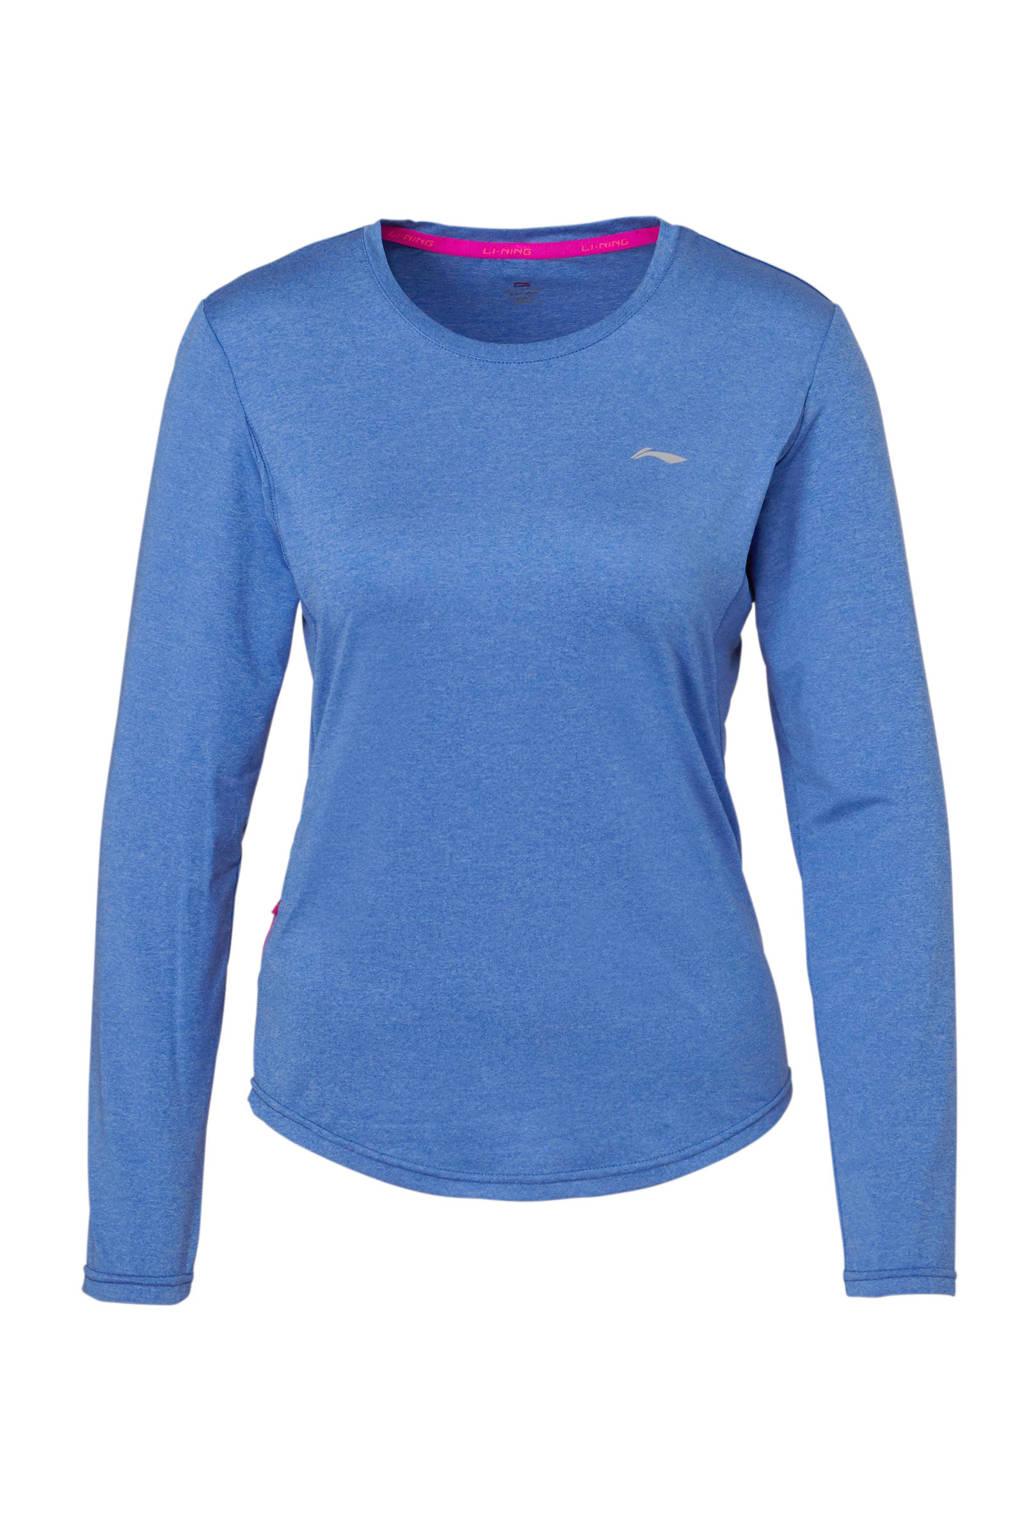 Li-Ning sport T-shirt blauw, Blauw